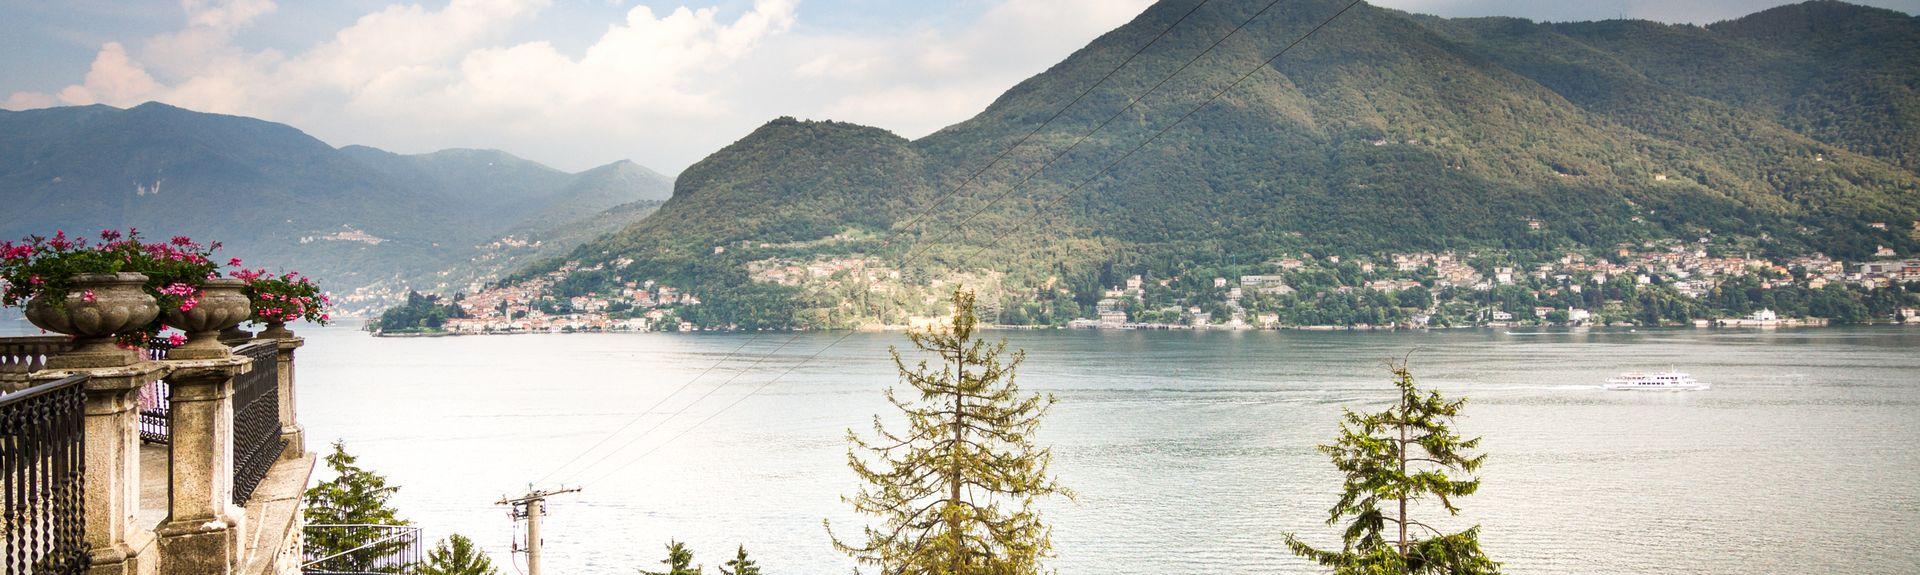 Pognana Lario, Lombardy, Italy